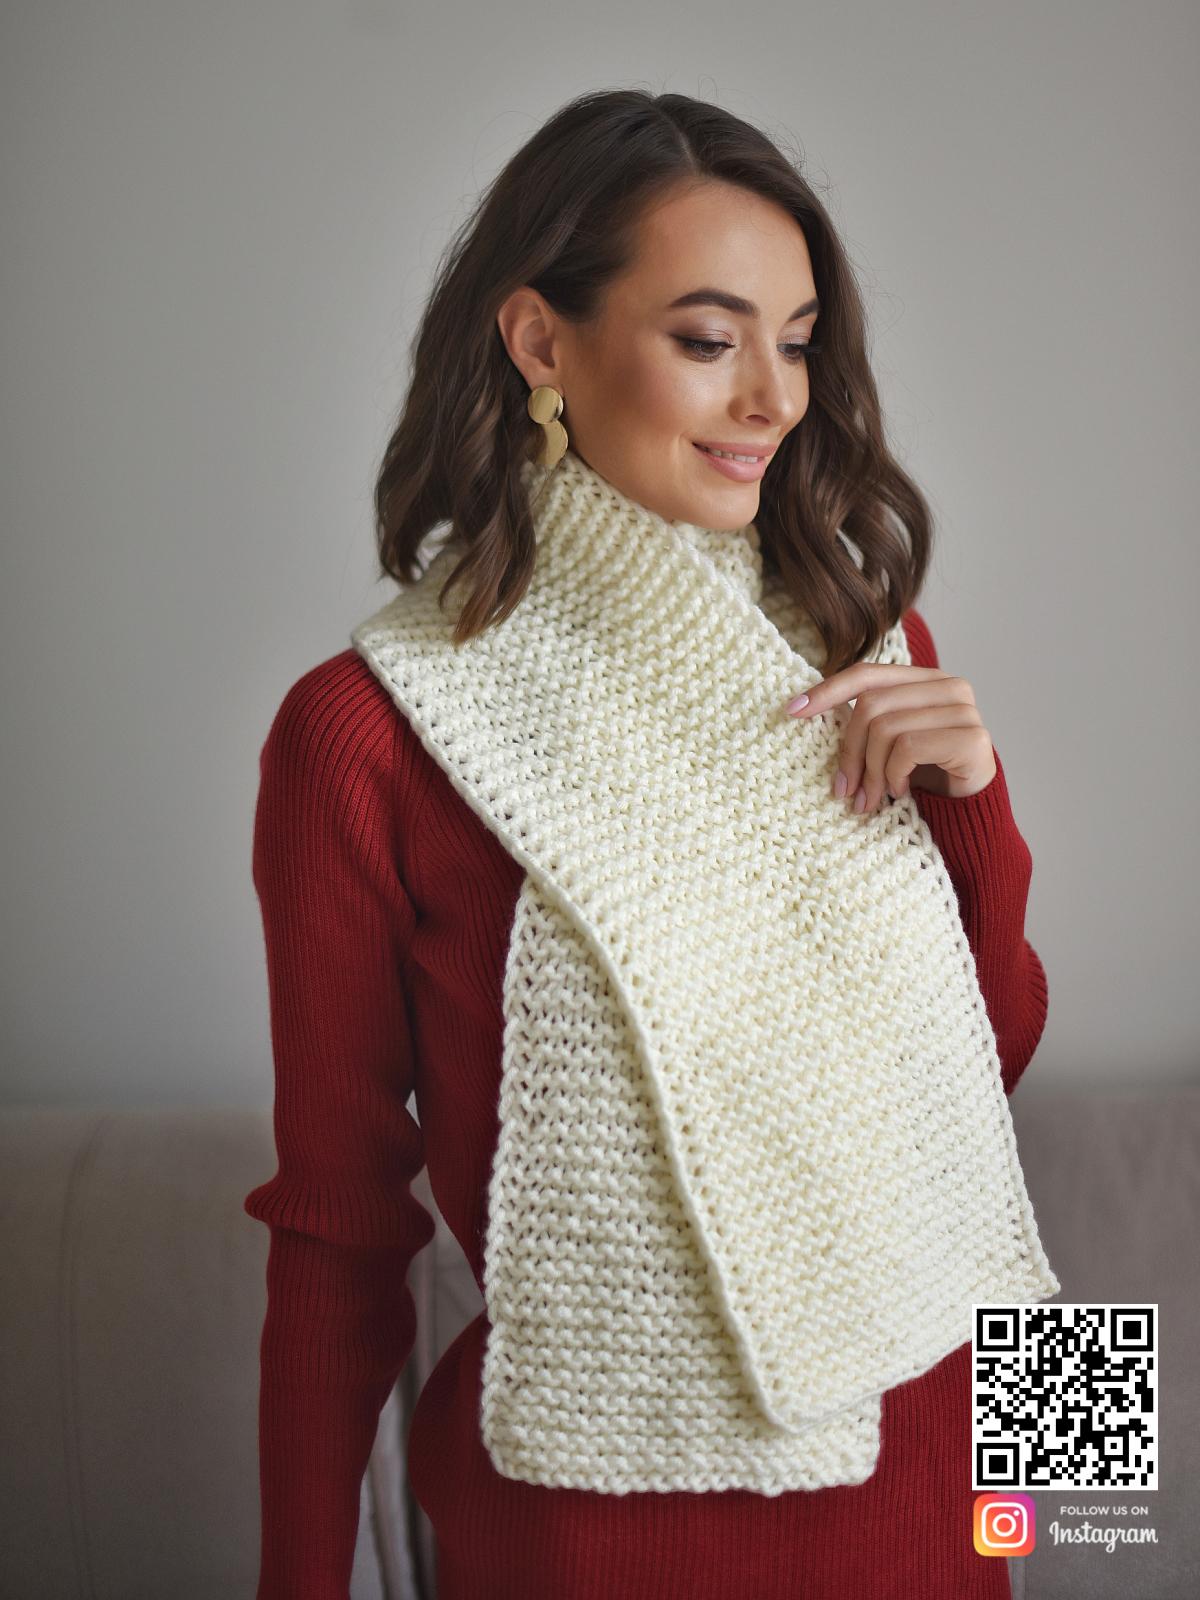 На четвертой фотографии готовый бежевый шарф в интернет-магазине Shapar, бренда трикотажа и связанной одежды ручной работы.